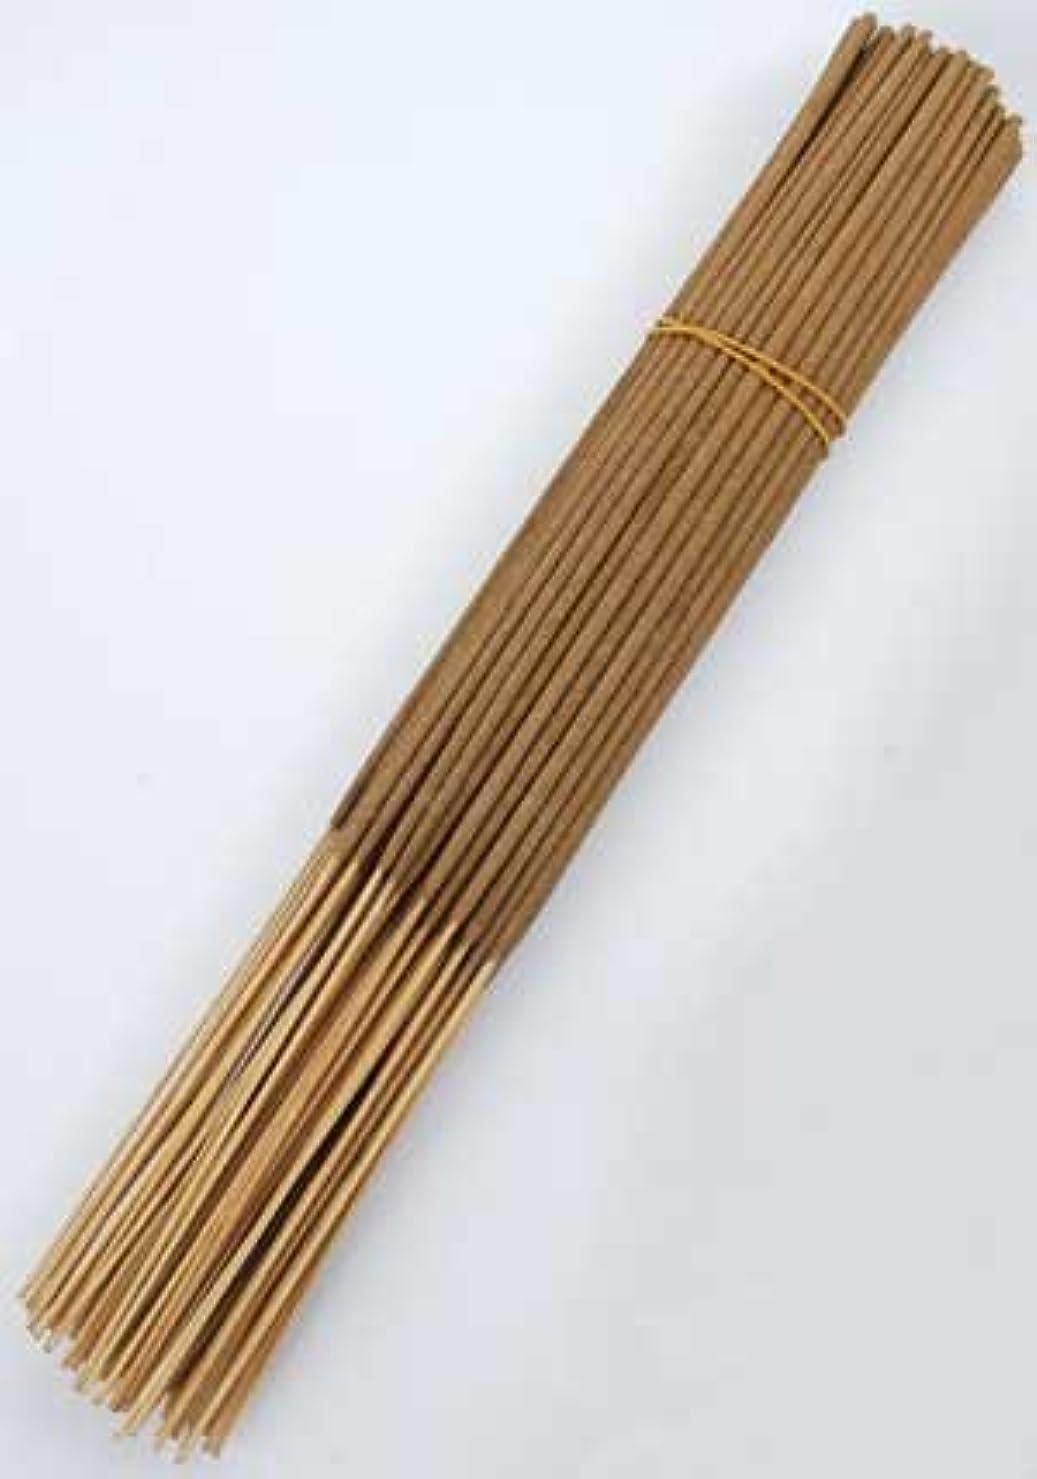 賠償ウイルスラウズun-scented 100パックStick Incense ( isu1 ) -